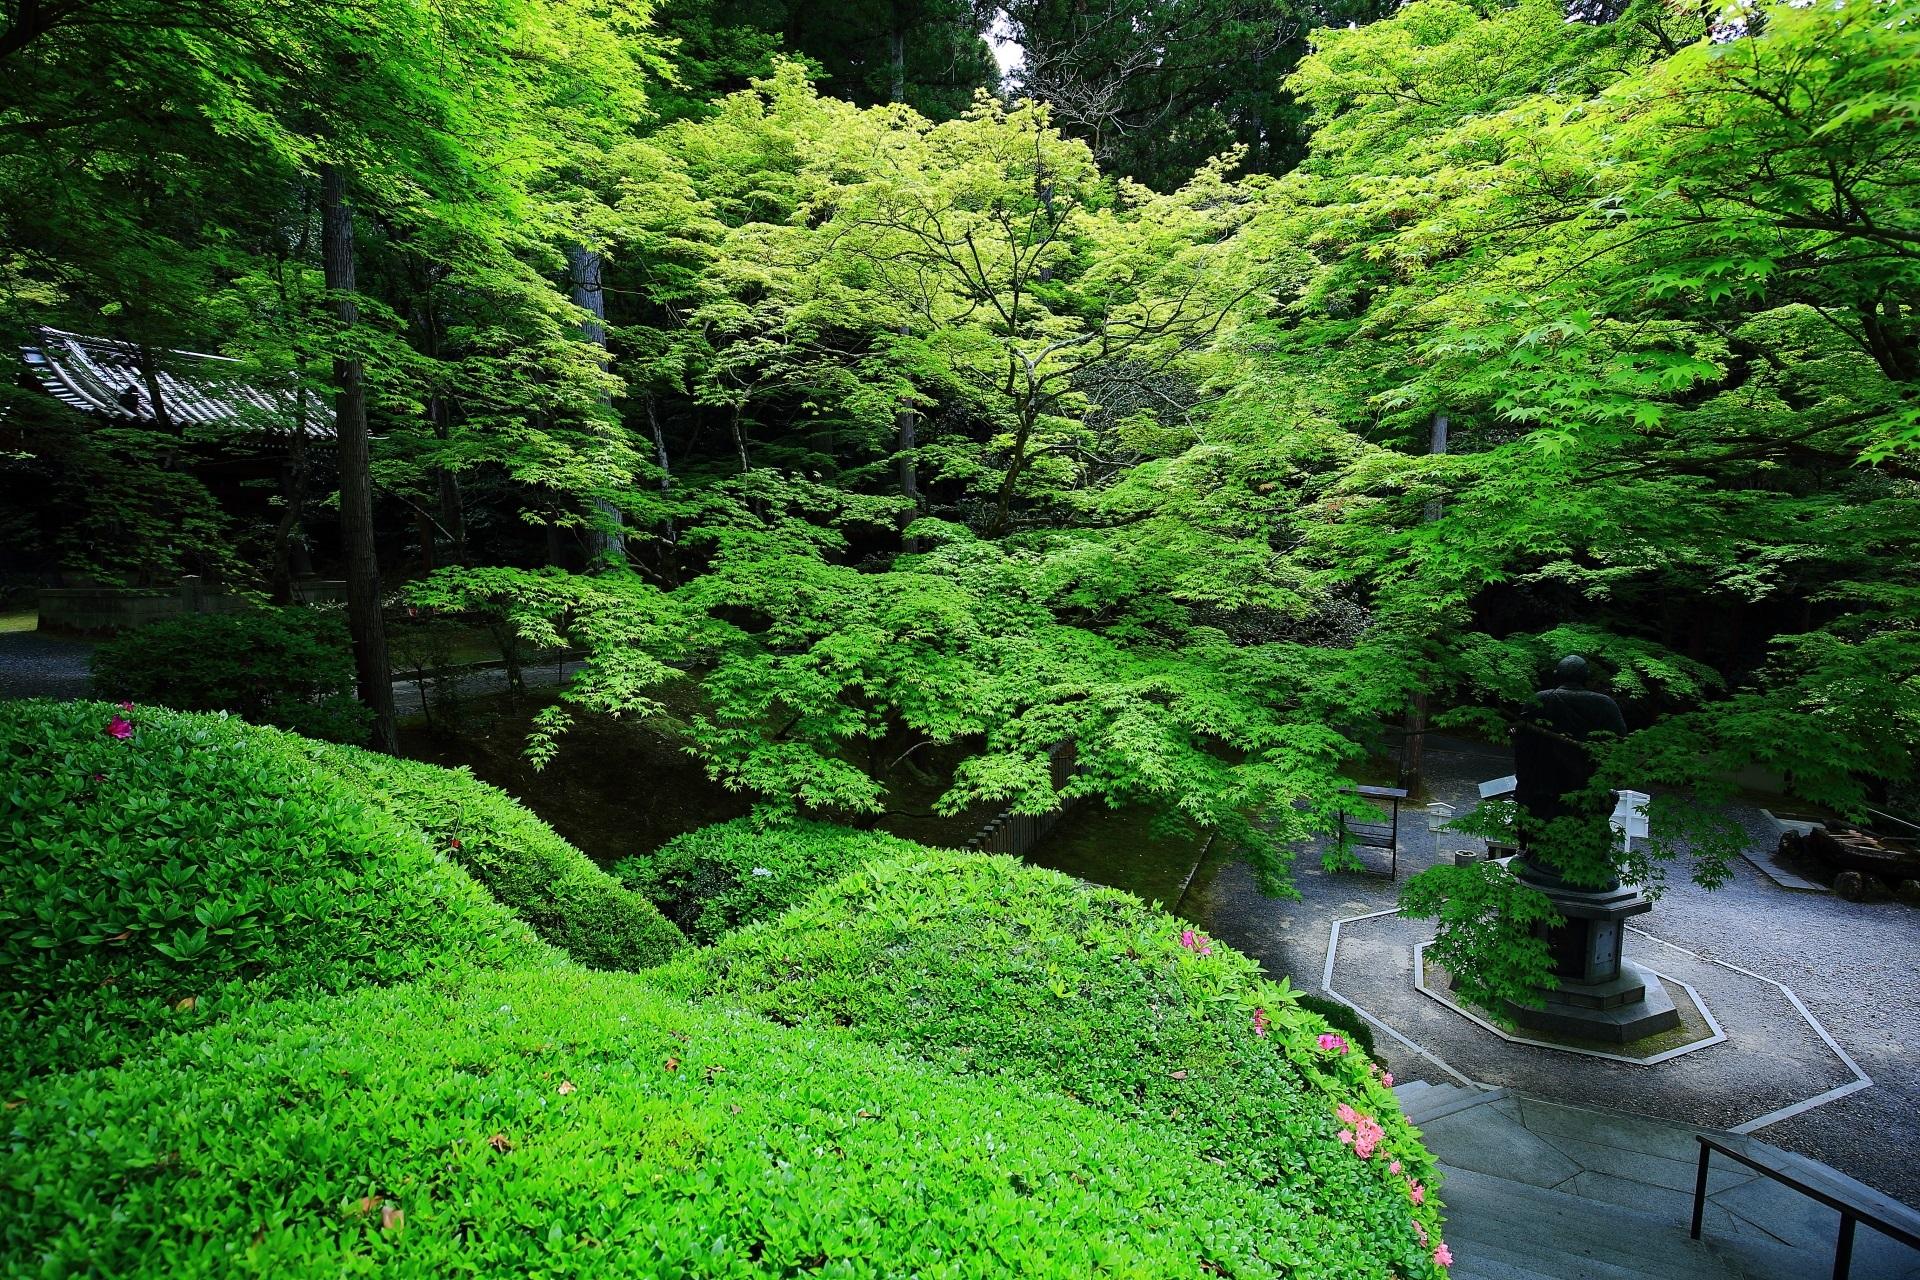 今熊野観音寺 新緑 広がる深い緑と春の情景